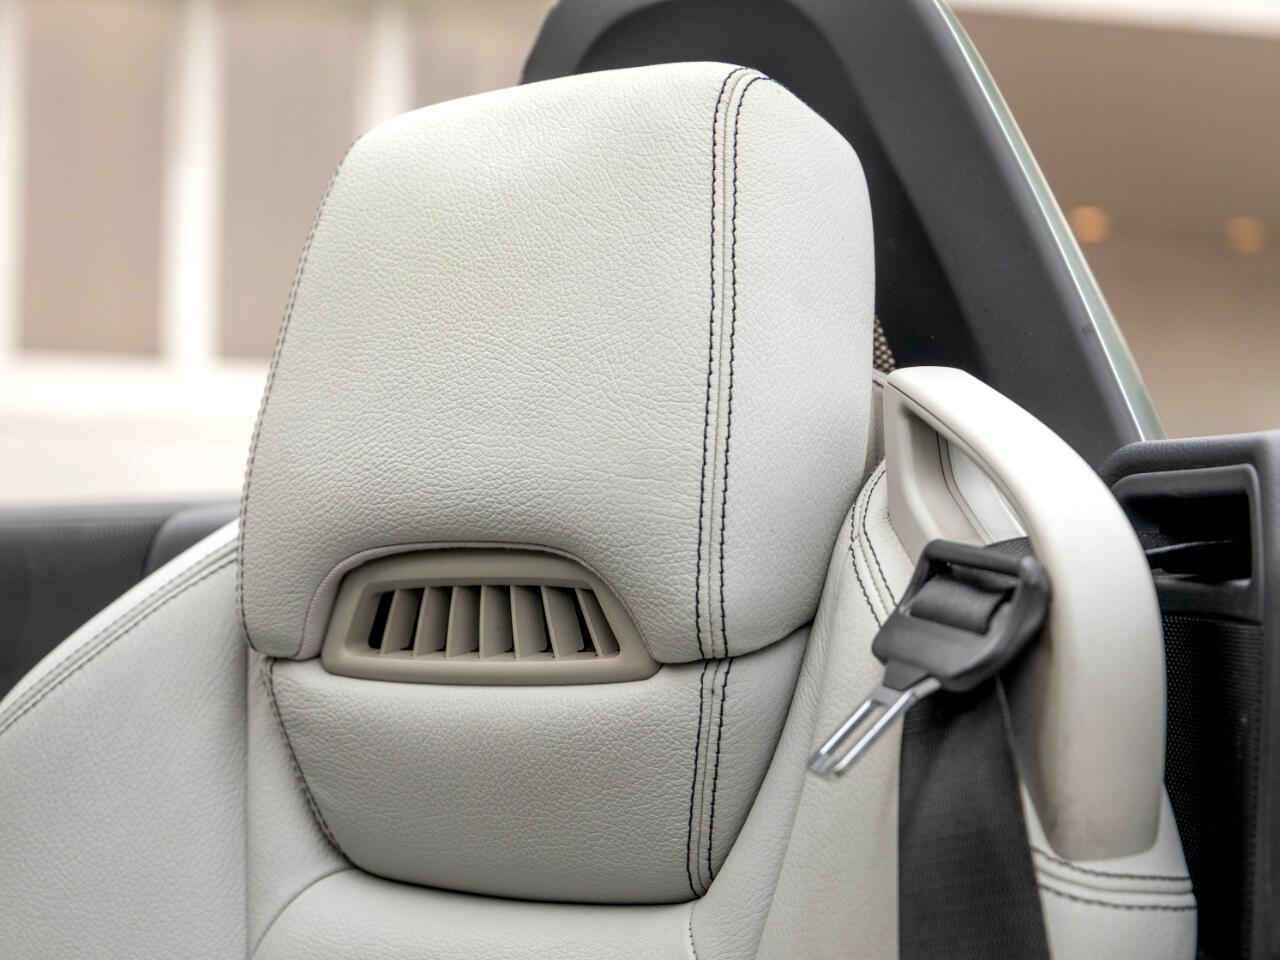 2013 Mercedes-Benz SLK-Class (CC-1376715) for sale in Marina Del Rey, California